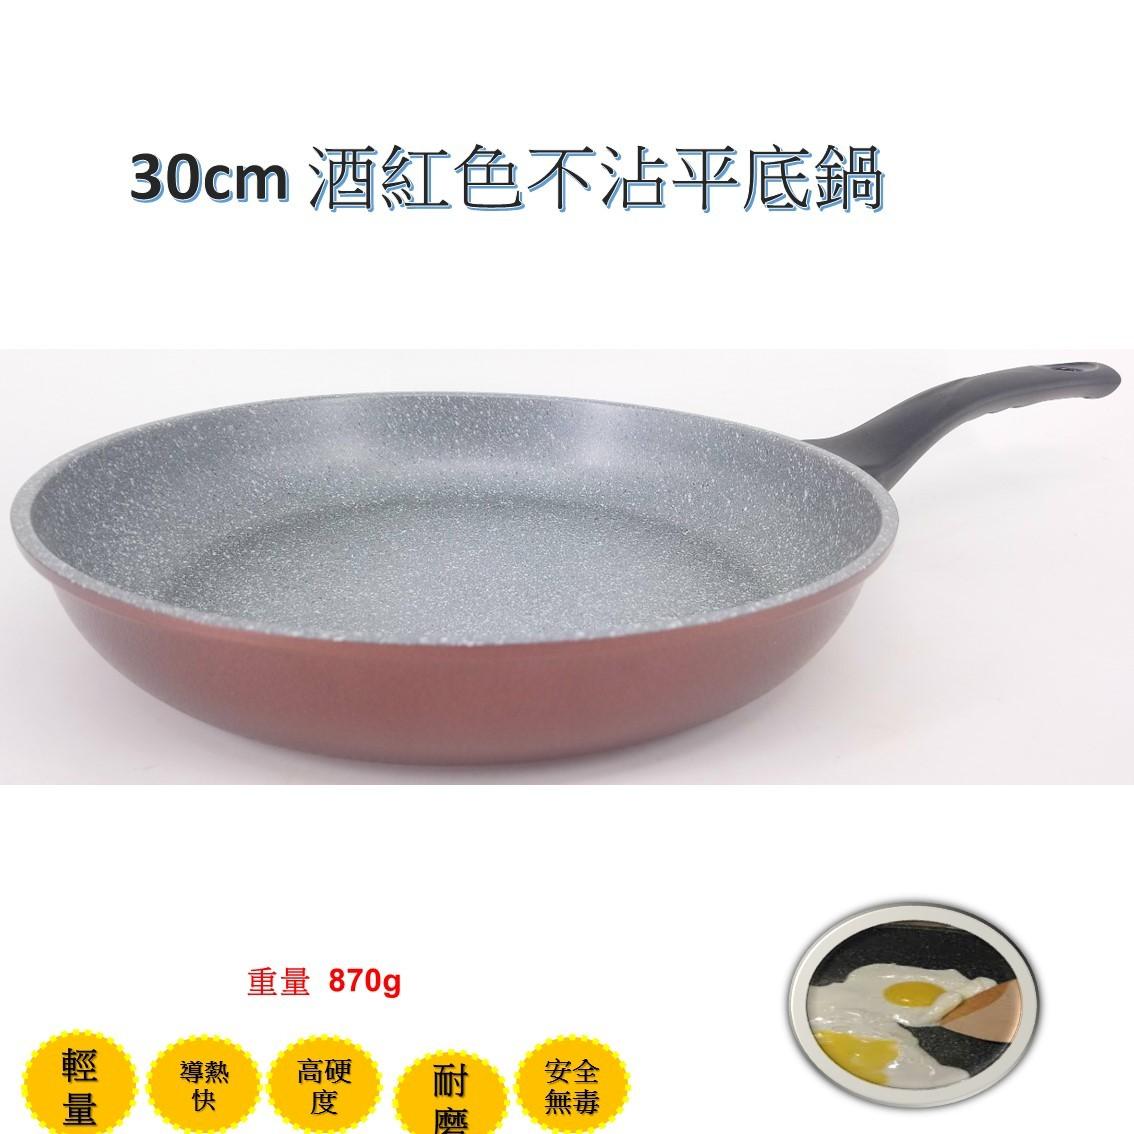 【韓國ECORAMIC鈦晶石頭抗菌不沾鍋】30公分加大酒紅色平底鍋 (無附鍋蓋)